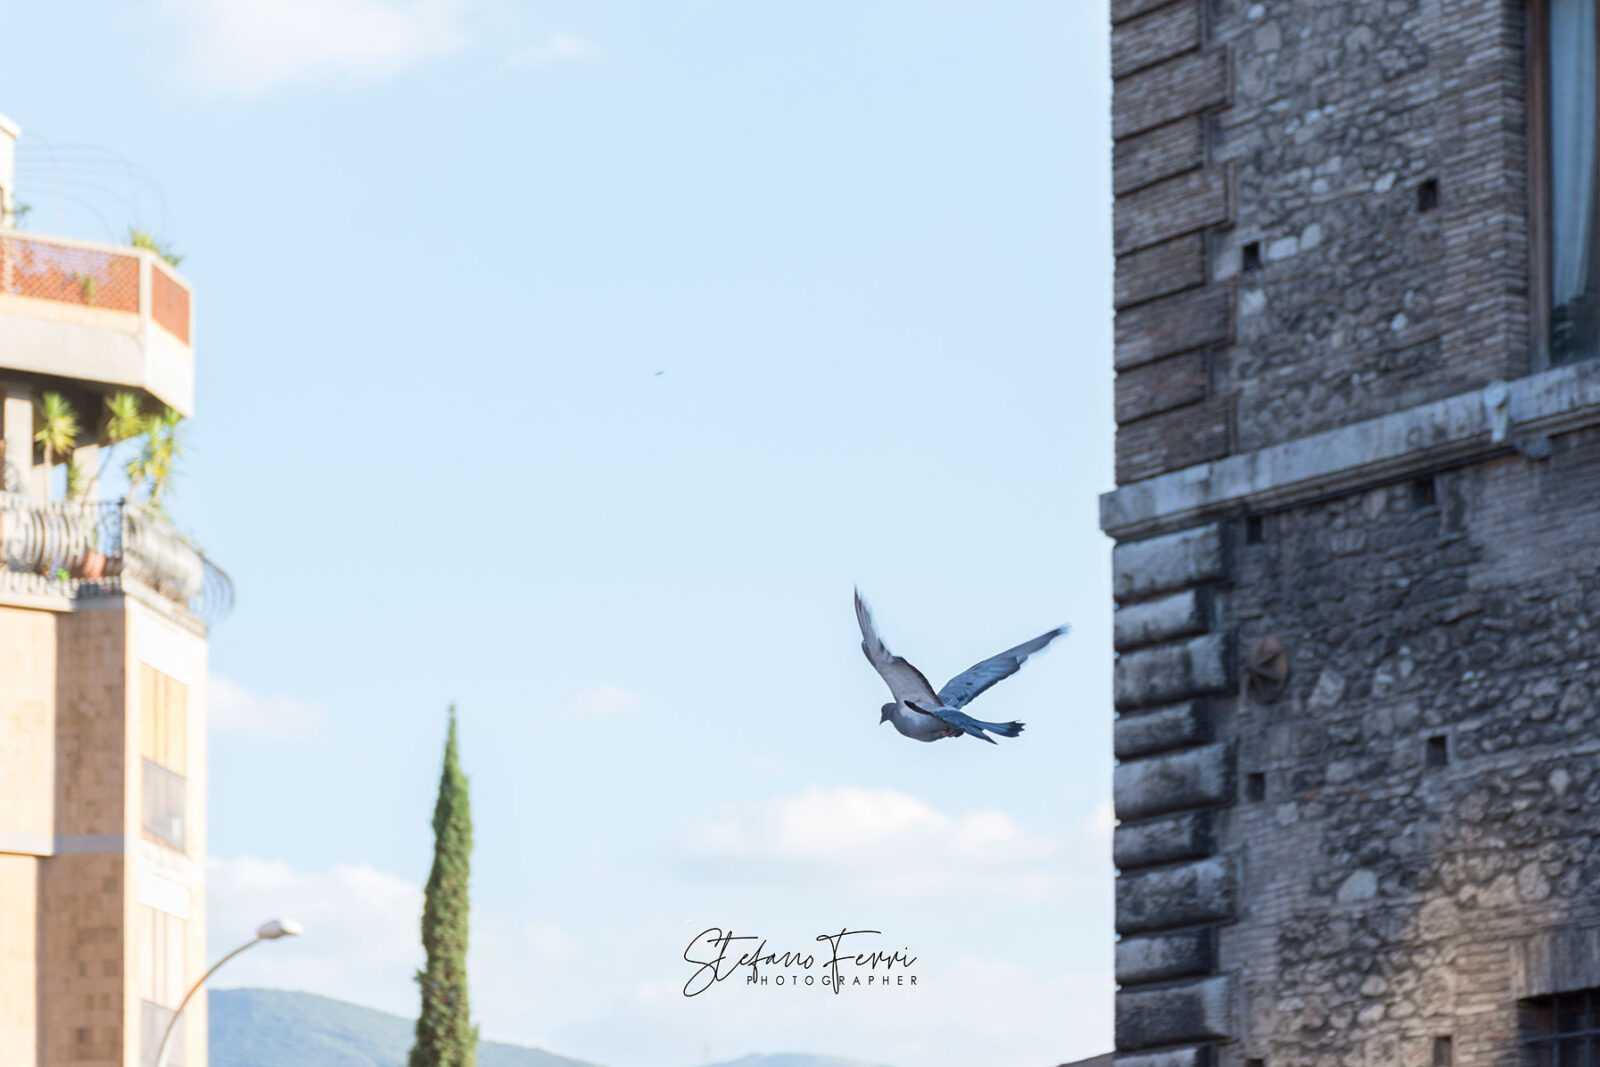 Volo di piccione, ripreso in Piazza Europa, Terni